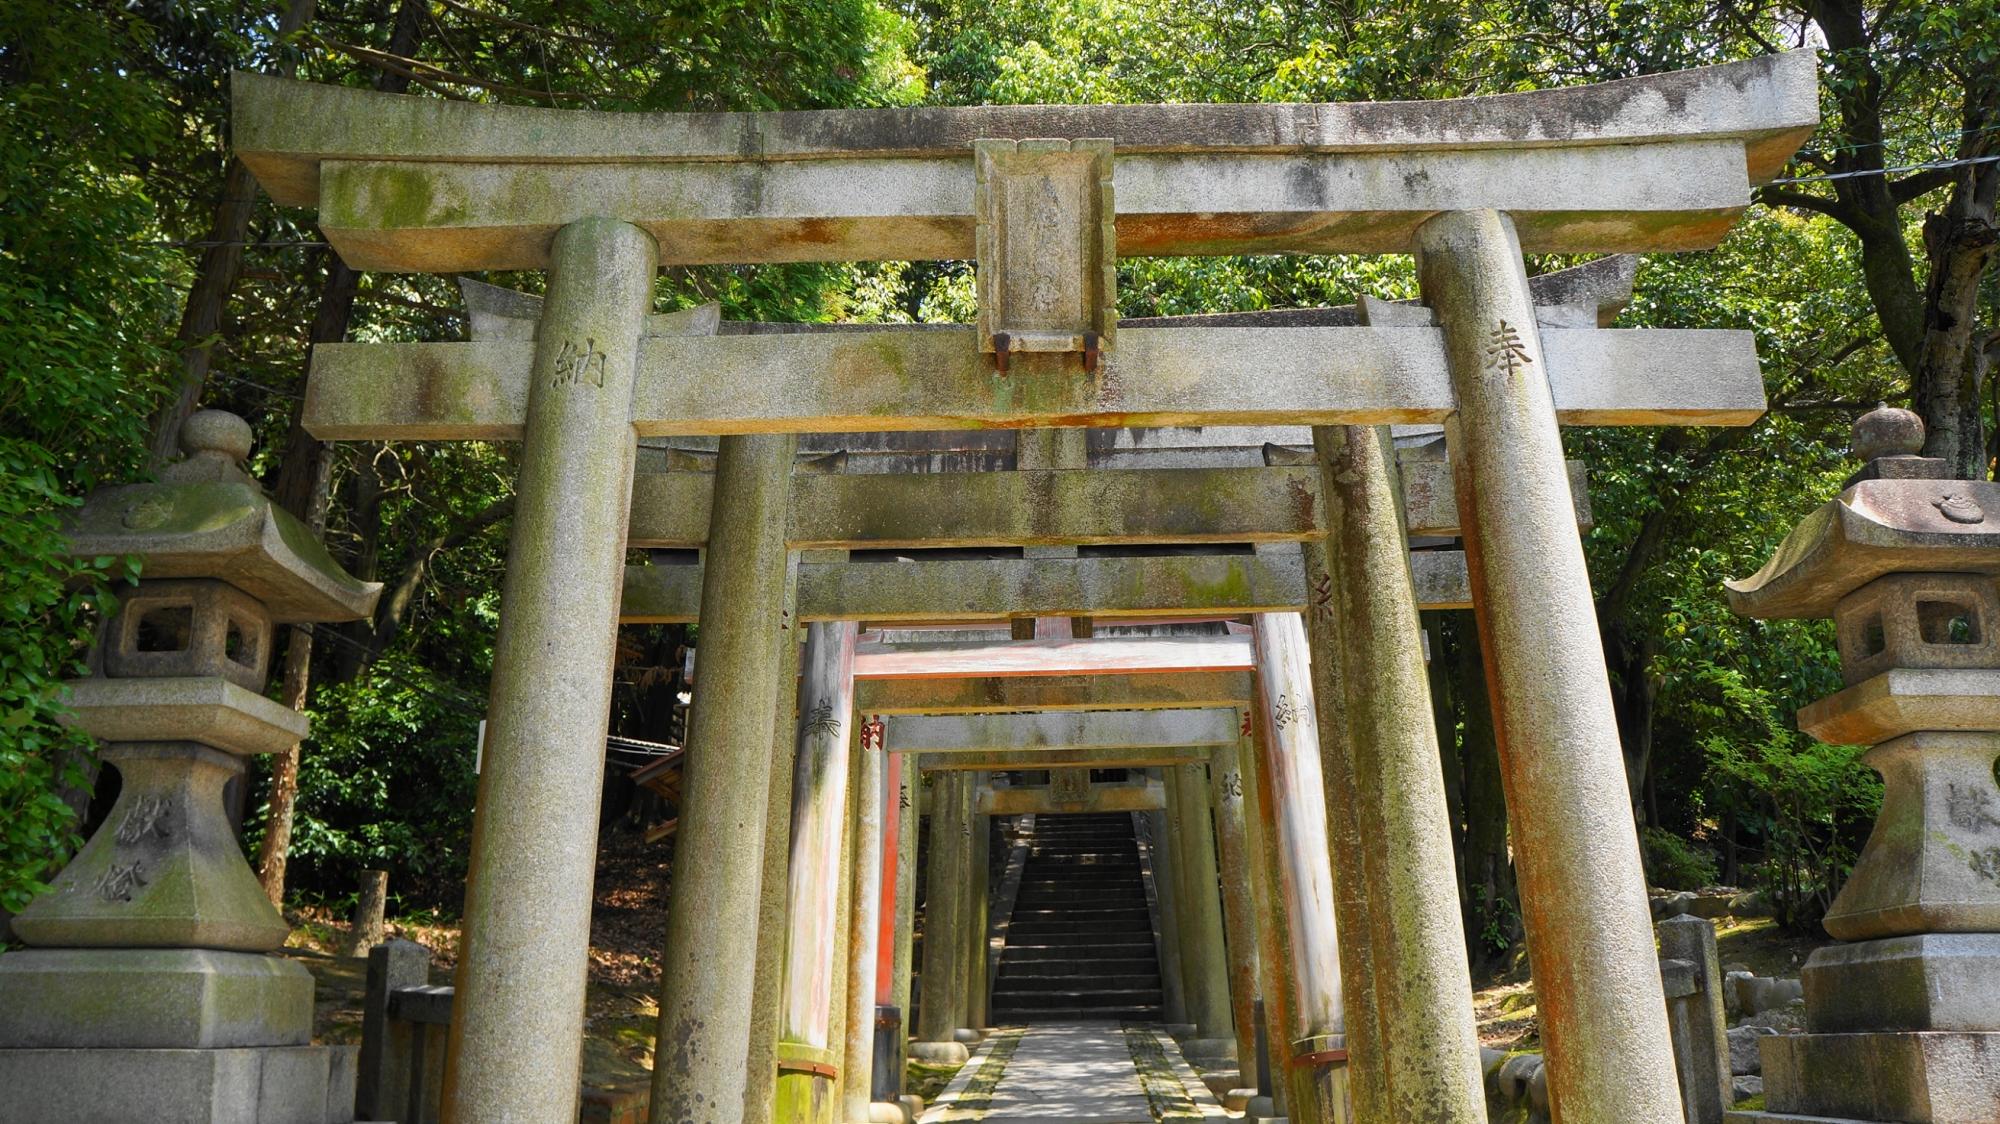 石の鳥居の並ぶ東福寺の五社成就宮